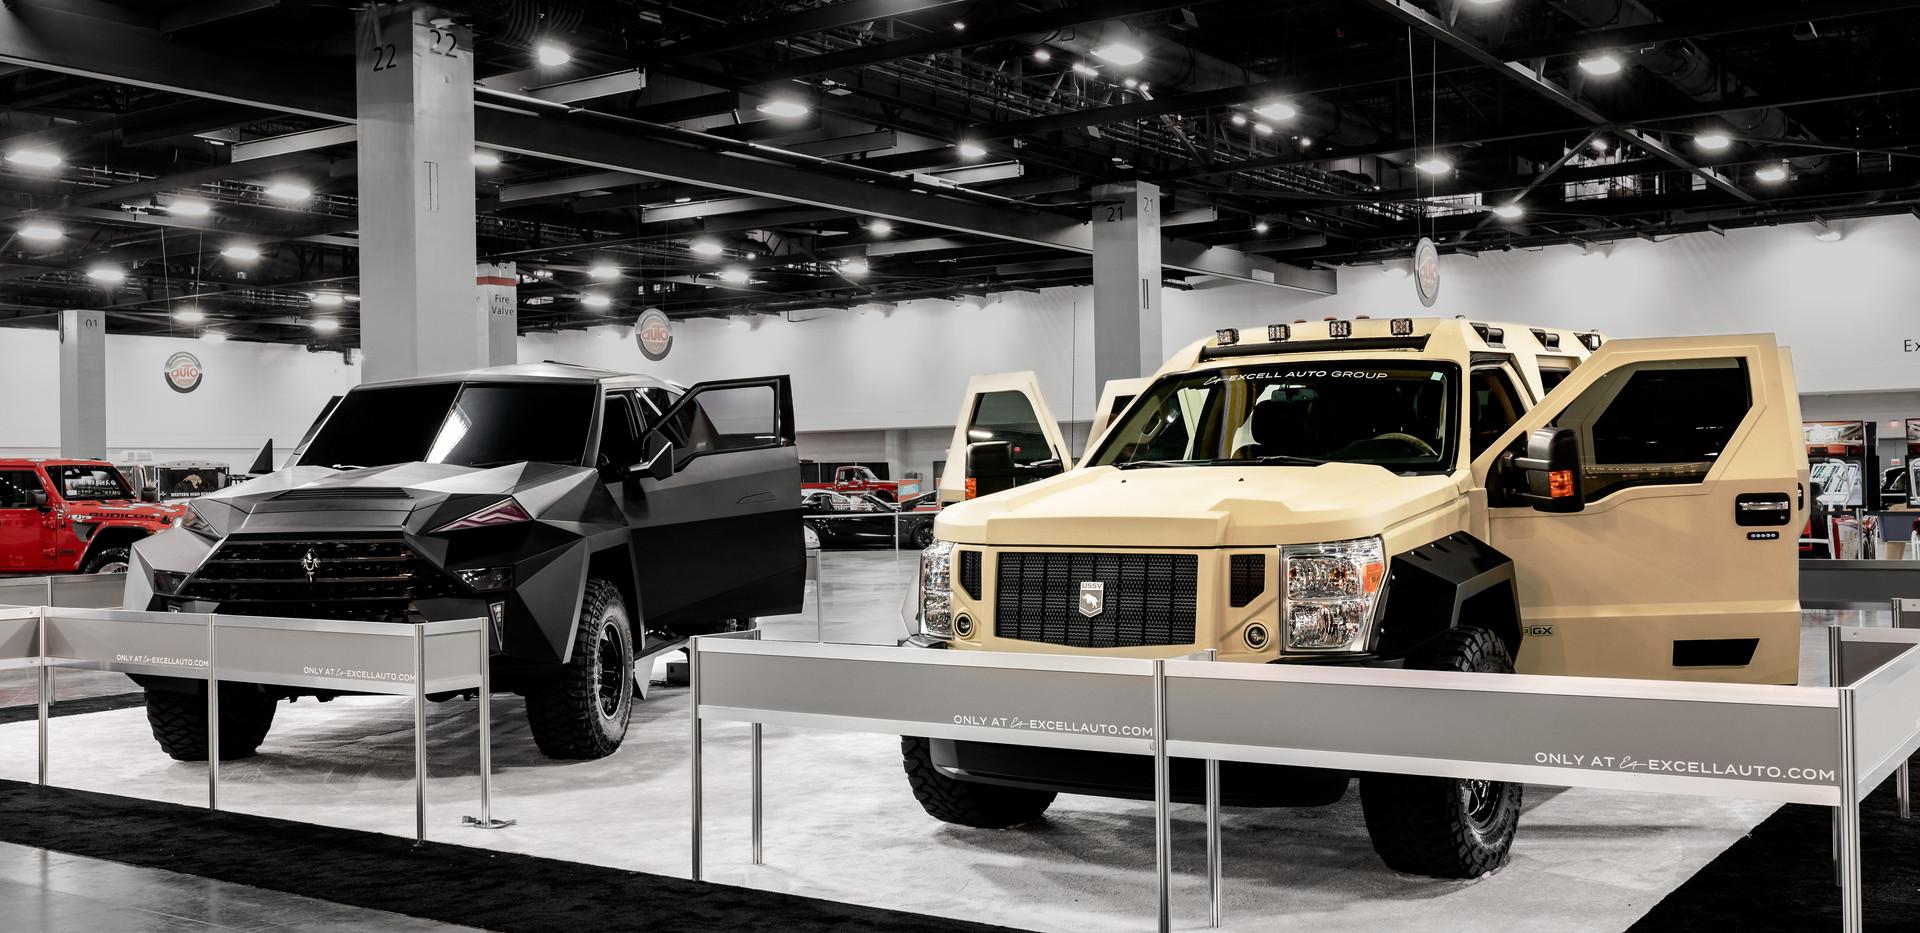 Miami_Auto_Show-10.jpg